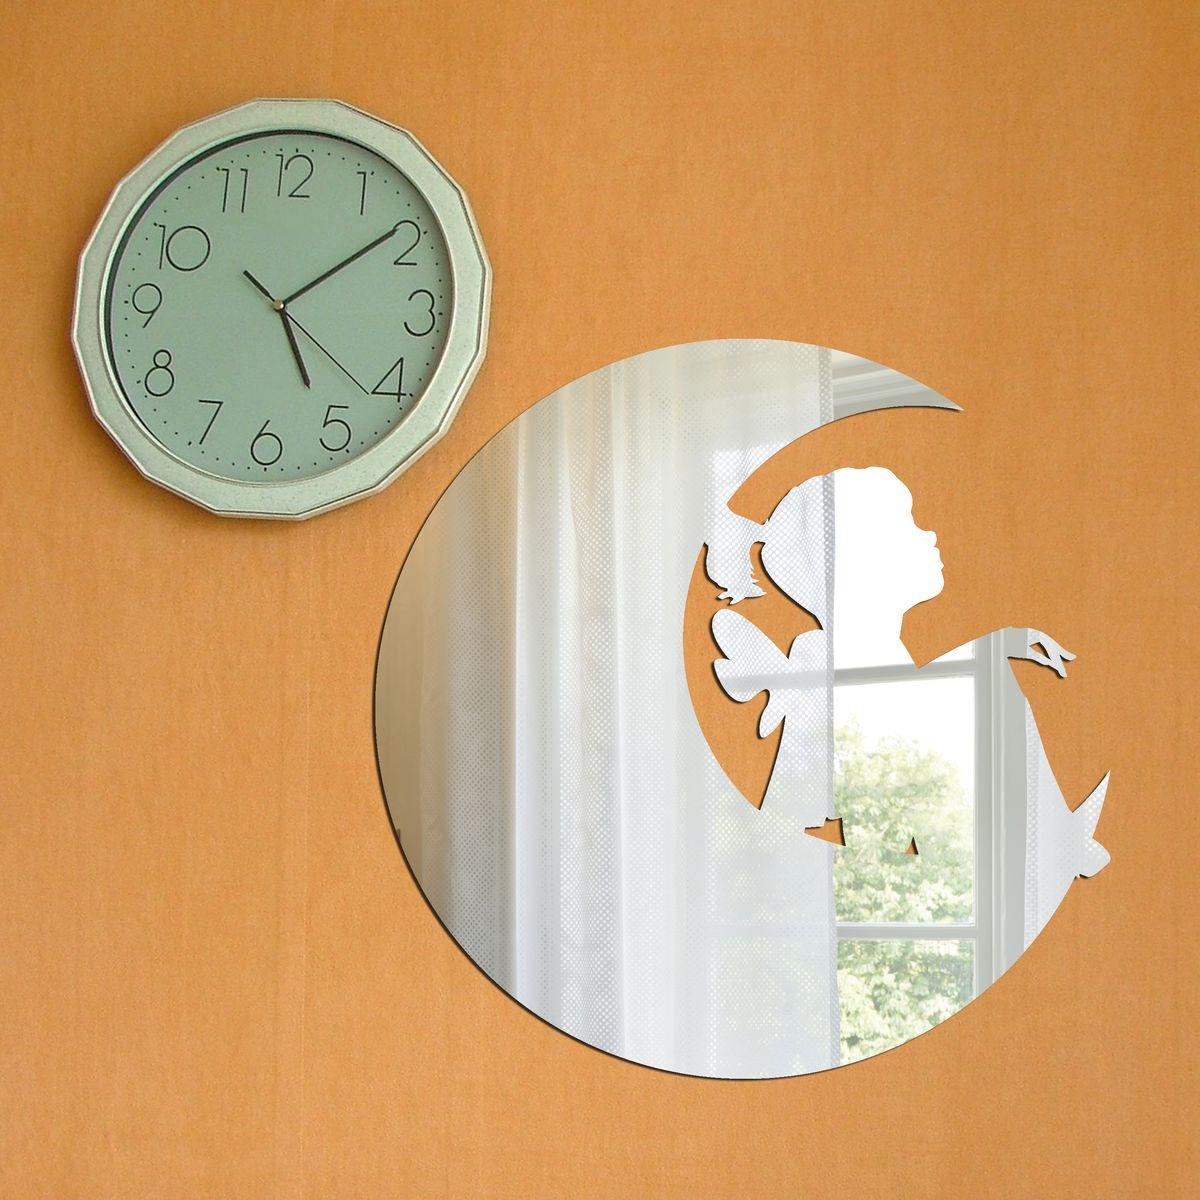 Декоративное зеркало Paris-Paris На луне, 27,5 см х 29 смПР01338прФигурное зеркало Paris-Paris - это яркий декоративный объект, по отражающим свойствам не уступающий классическому стеклянному зеркалу. Всегда разные в зависимости от того, где они располагаются, зеркала Paris-Paris каждый раз вступают в новый диалог с интерьером! Зеркало из гибкого органического стекла. Этот легкий и прочный материал по сравнению с обычным стеклом более устойчив к повреждениям и обеспечивает максимальный визуальный эффект. Крепится к стене при помощи специального двустороннего скотча входящего в комплект. Инструкция: Если вы уже выбрали место для вашего зеркала, весь процесс займет 3 минуты. Стена должна быть чистой и сухой. Снимите защитную пленку с клейкой ленты на обратной стороне зеркала; Разместите зеркало на стене; Аккуратно снимите с зеркала защитную пленку.